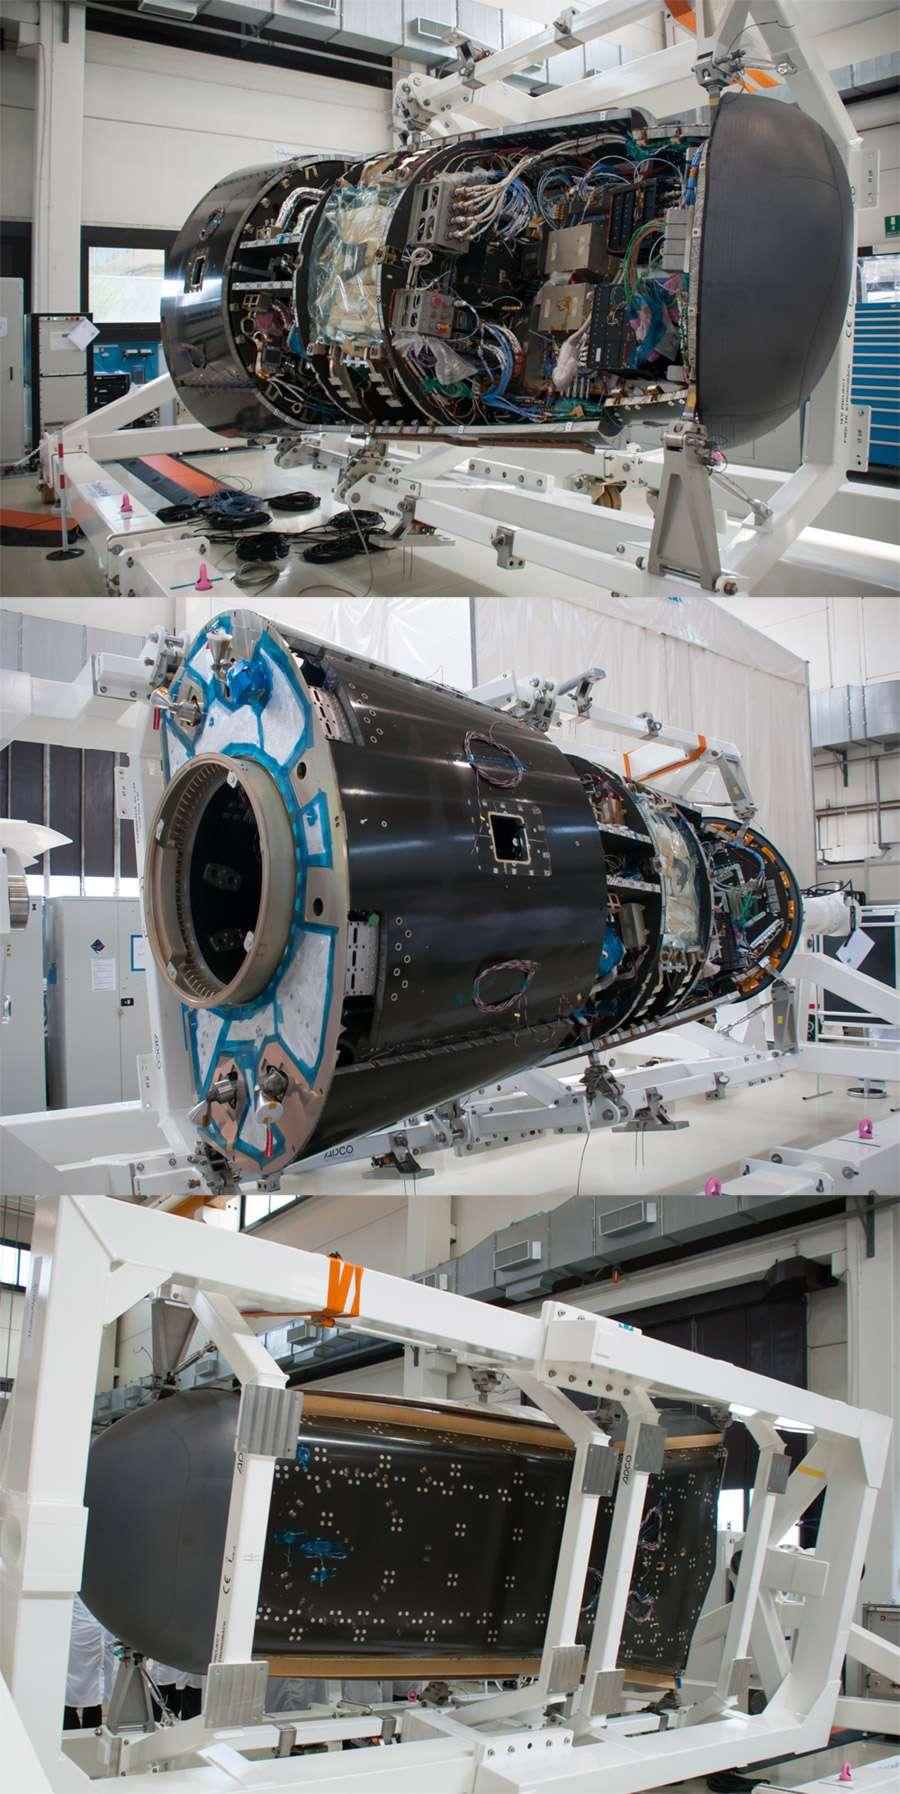 Construit par Thales Alenia Space, l'IXV se présente sous une forme oblongue. Long de 5 mètres, large de 2,2 mètres et haut de 1,5 mètre, il a une masse d'environ deux tonnes. © Rémy Decourt